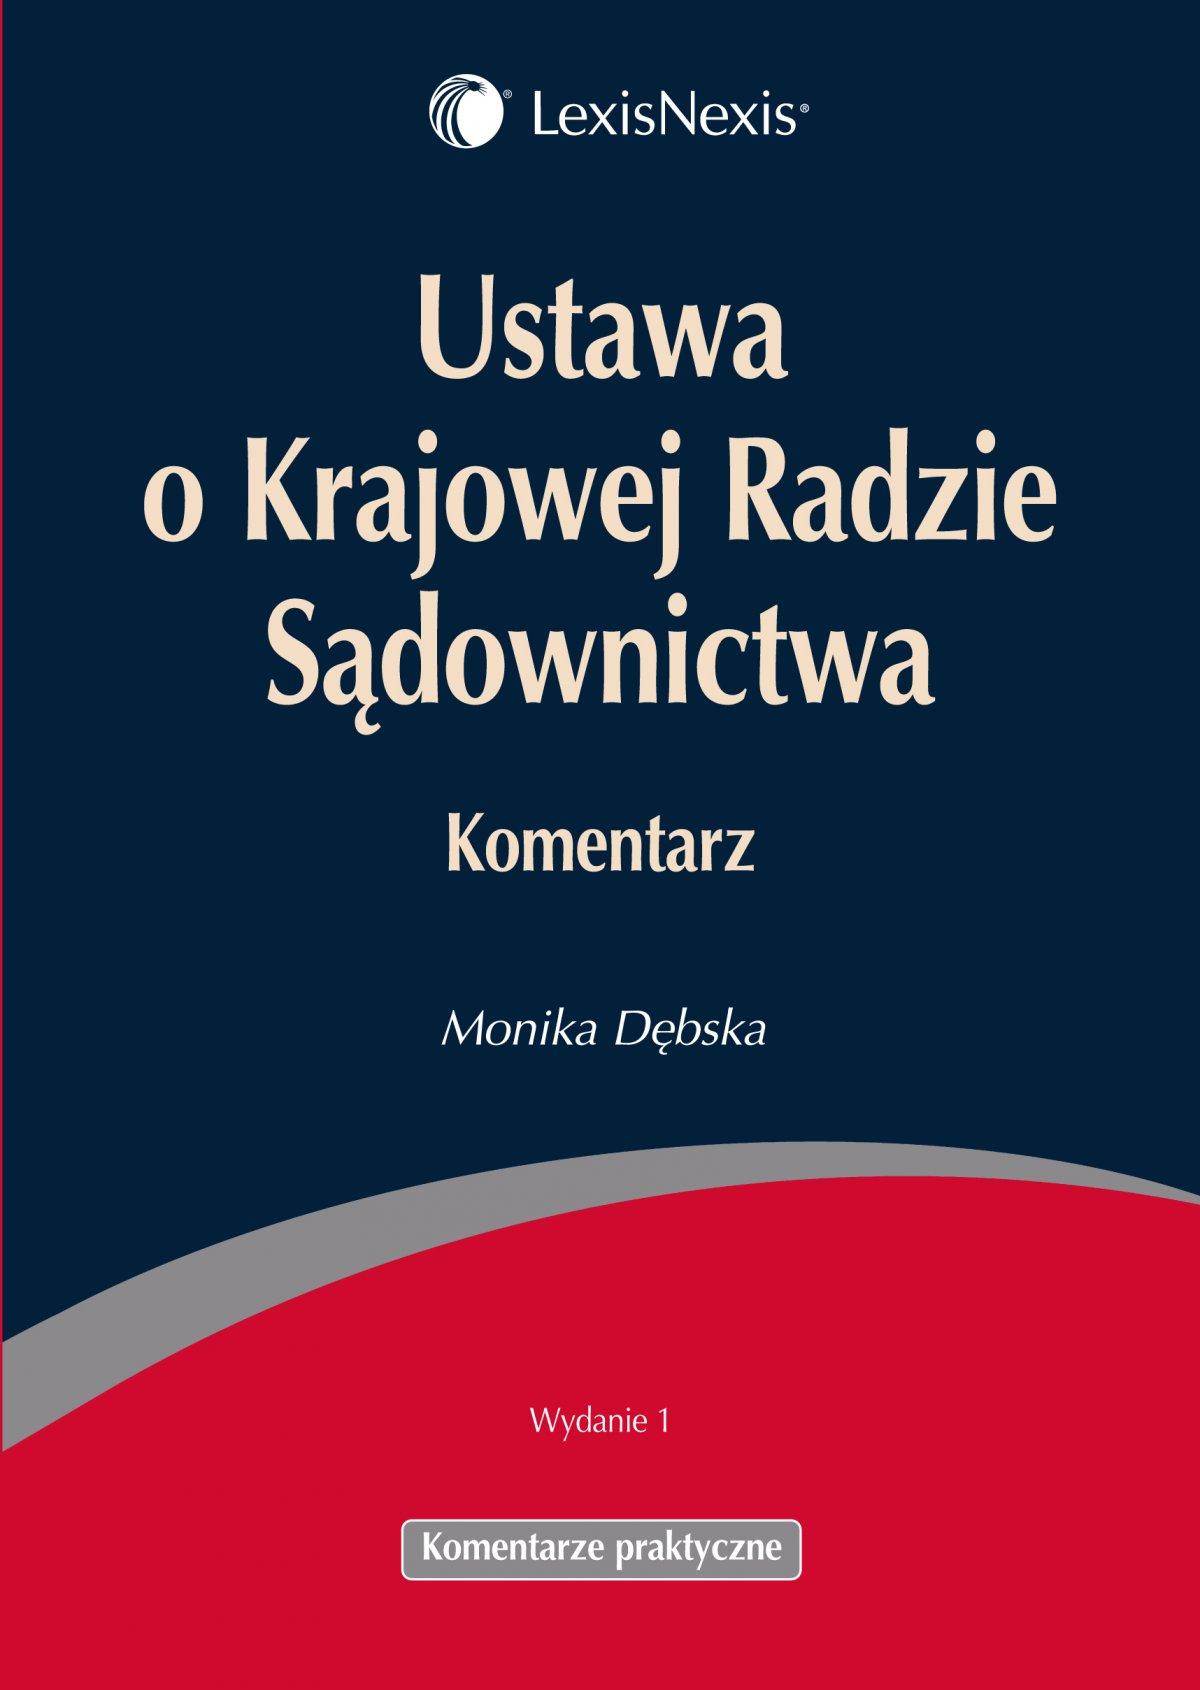 Ustawa o Krajowej Radzie Sądownictwa. Komentarz - Ebook (Książka PDF) do pobrania w formacie PDF